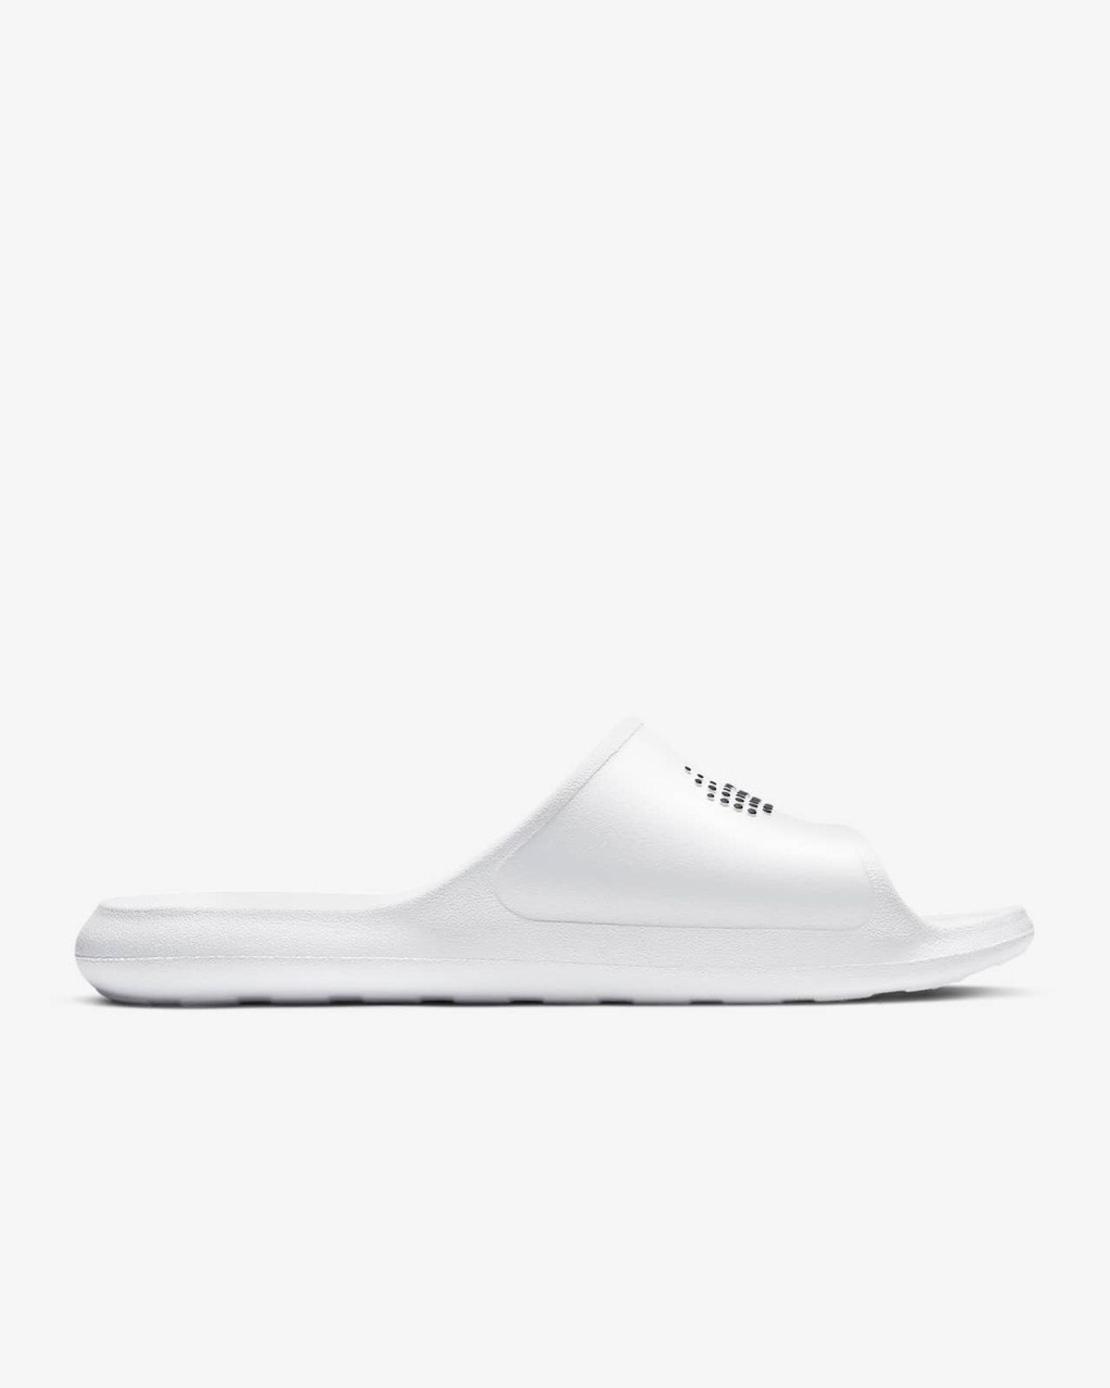 כפכף נייק גברים   Nike Victori One Men's Shower Slide